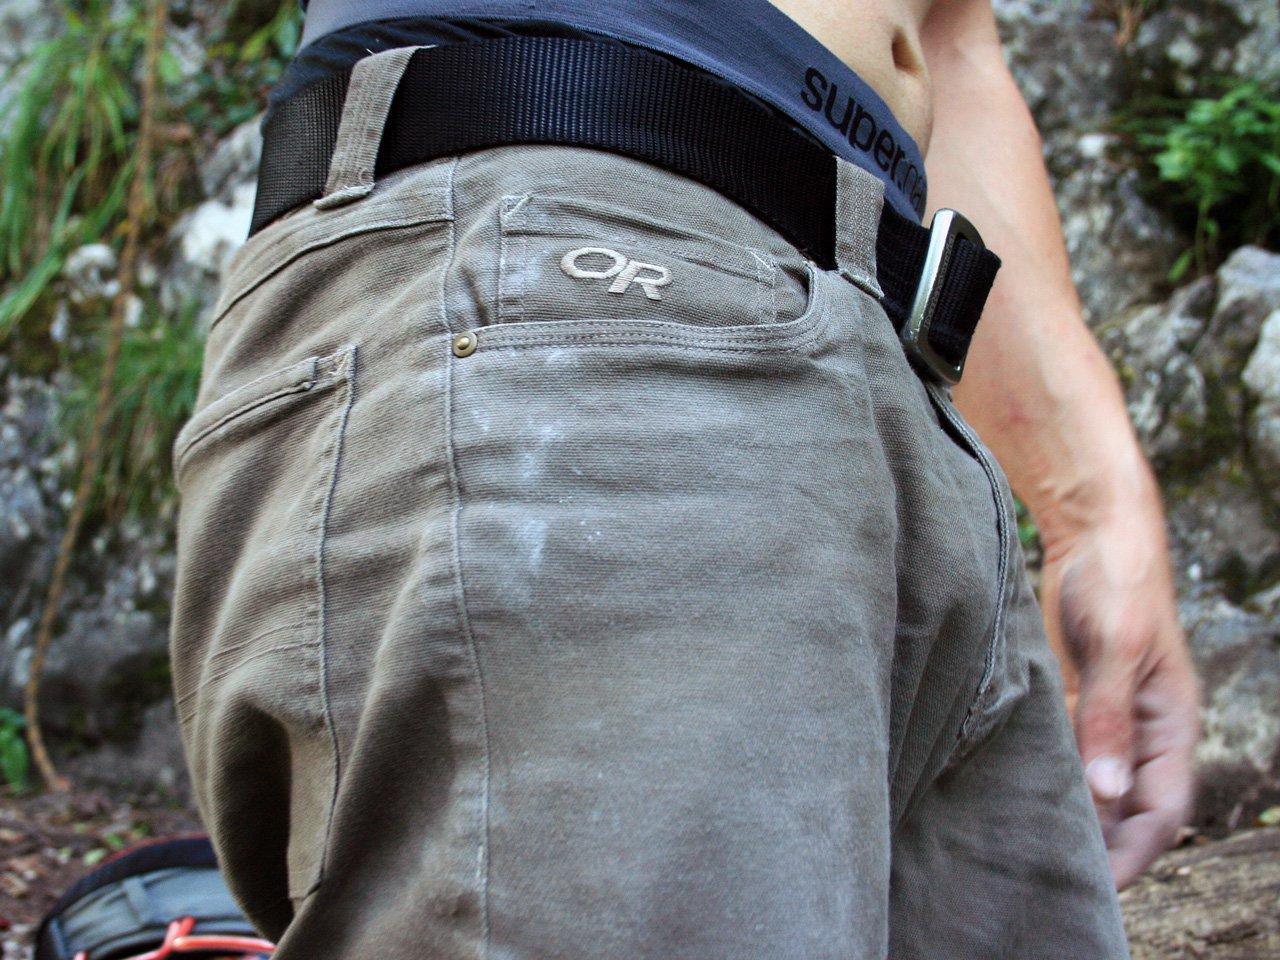 Testbericht – OutdoorResearch / Deadpoint Pants: Robuste Boulder- und Kletterhose für den wirklich harten Einsatz am Fels